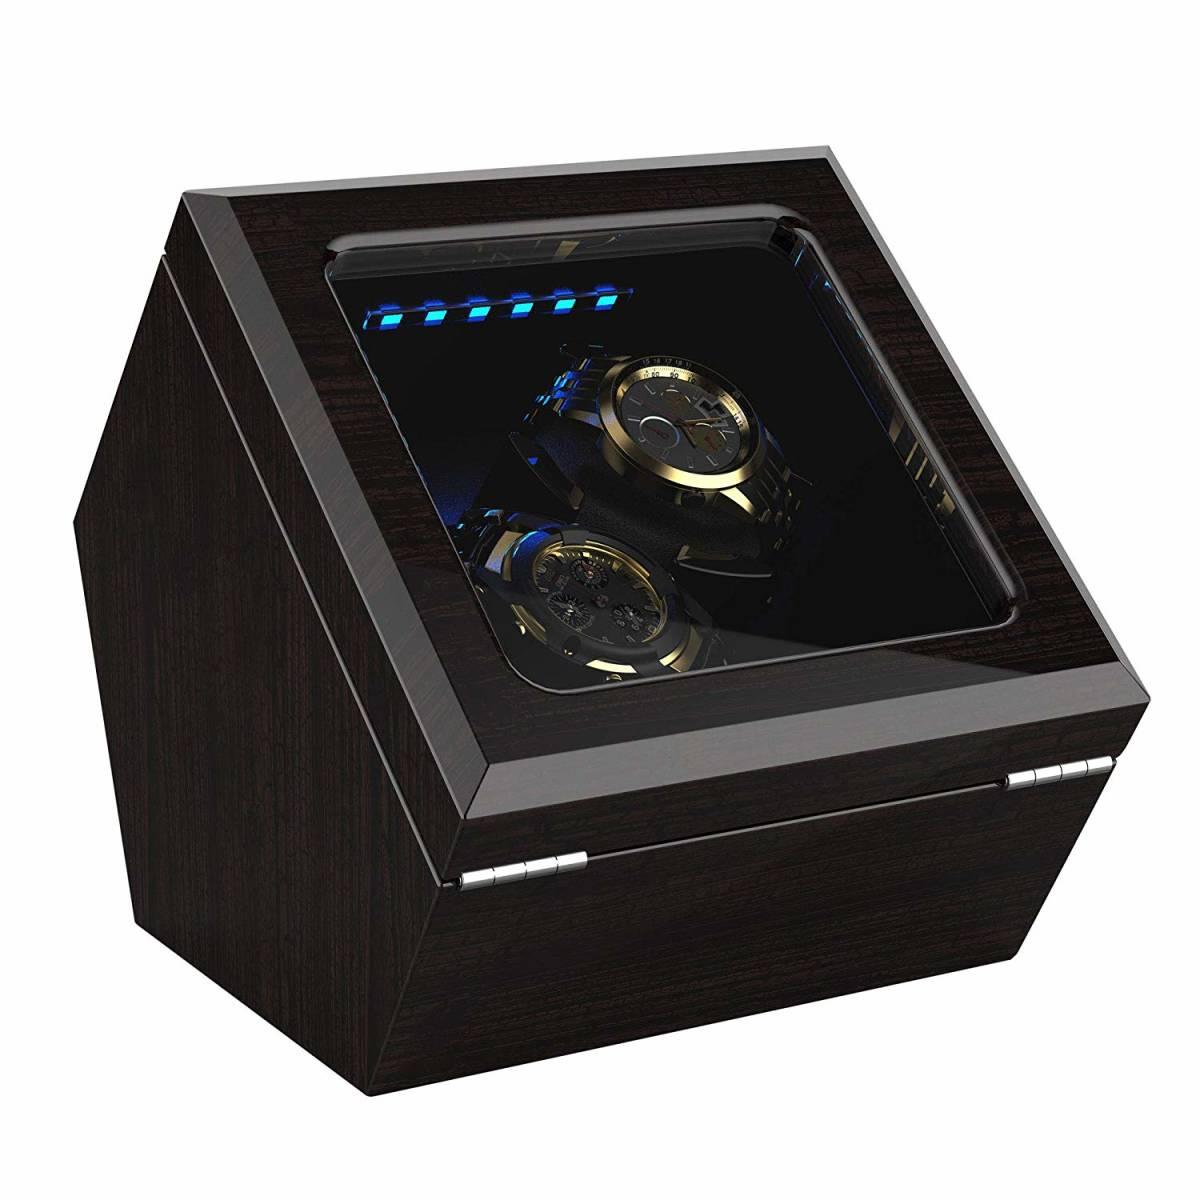 【新品・未使用】ワインディングマシーン 腕時計 自動巻き器 ウォッチワインダー2本巻き上げ LEDライト付 日本語説明書